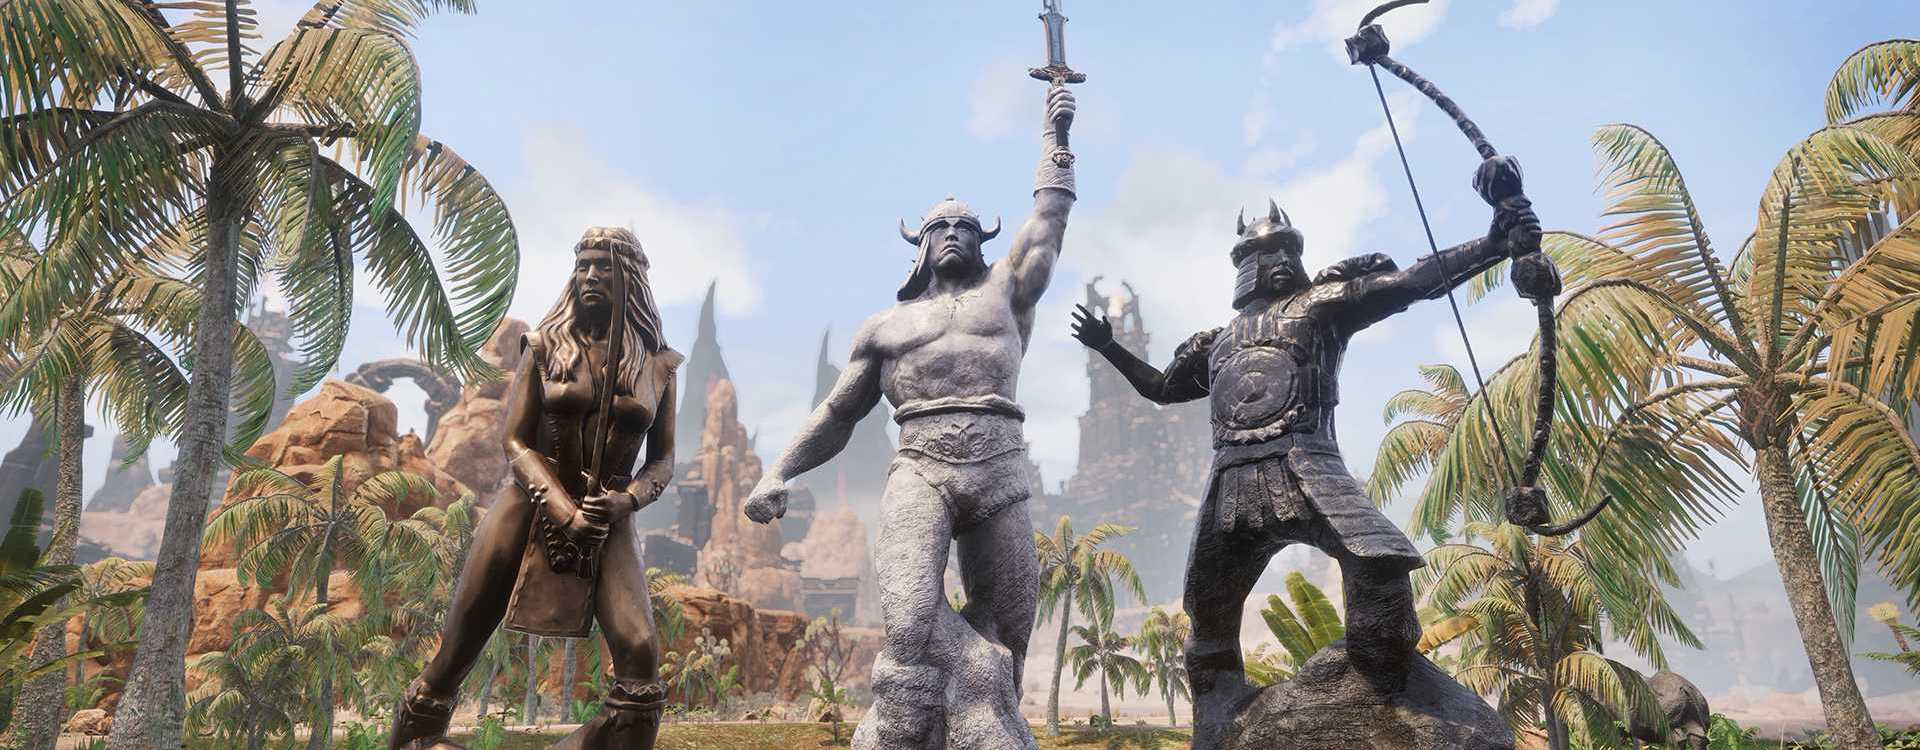 Darum gibt es in Conan Exiles nun Statuen von Arnold Schwarzenegger